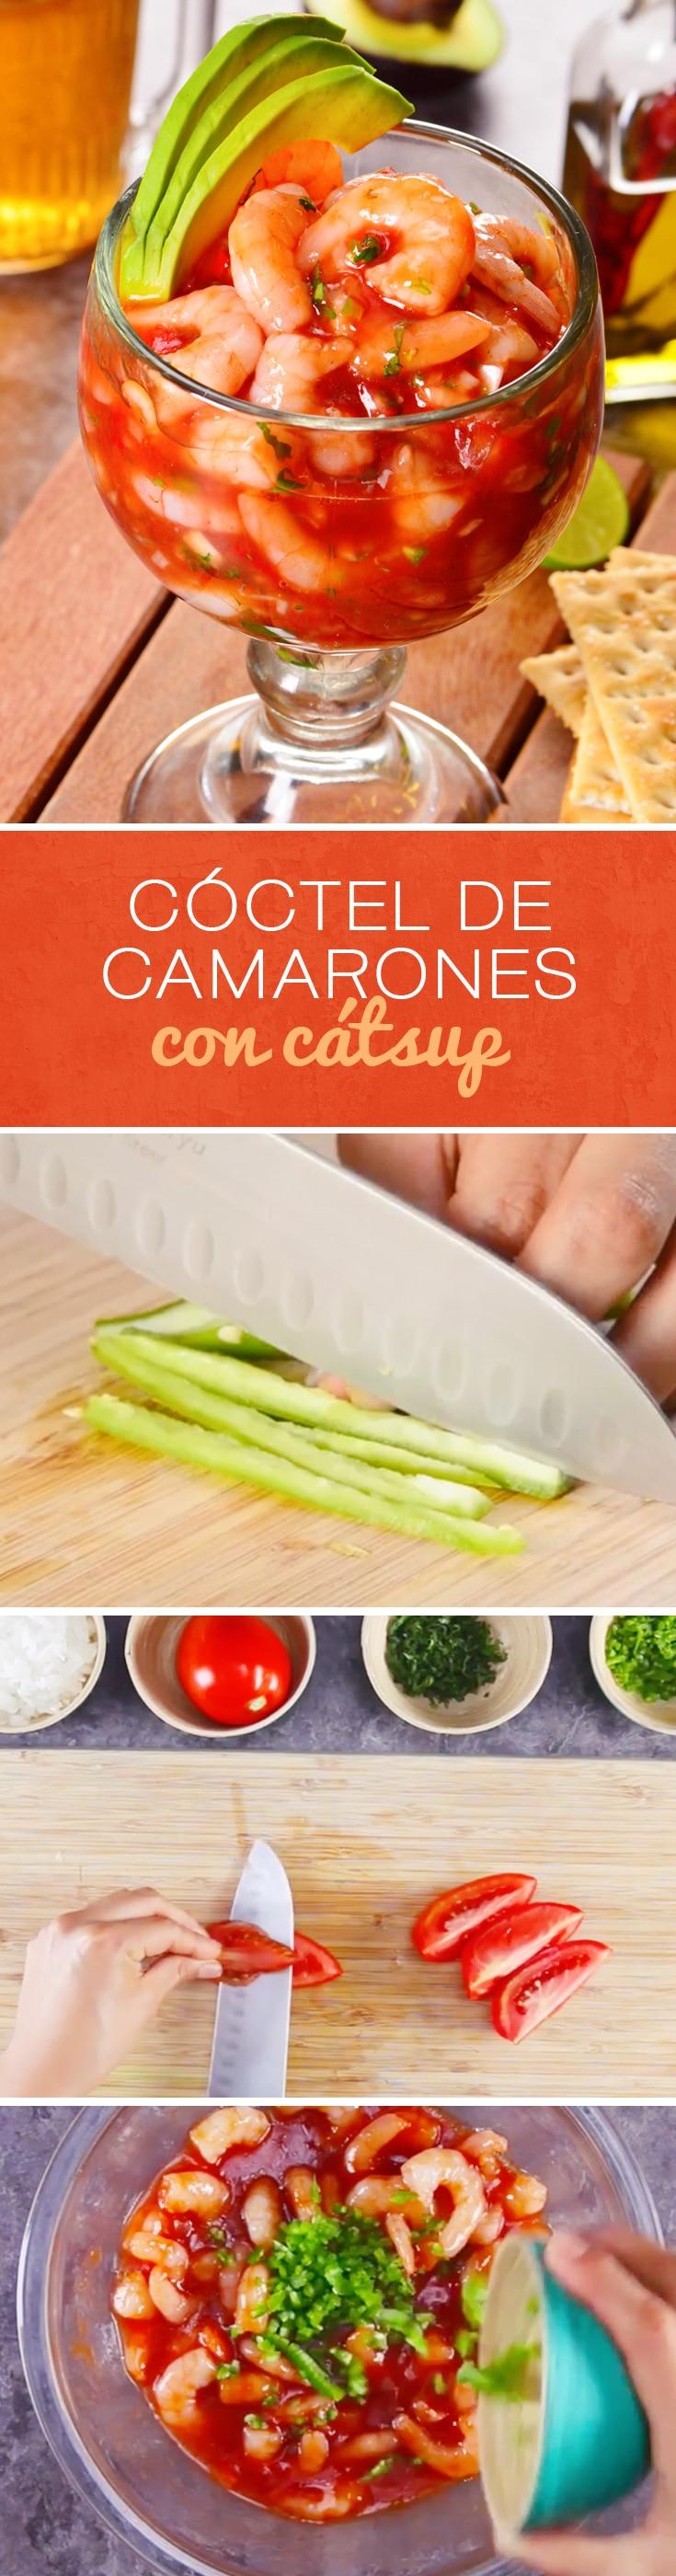 C ctel de camarones con c tsup - Coctel de marisco ingredientes ...